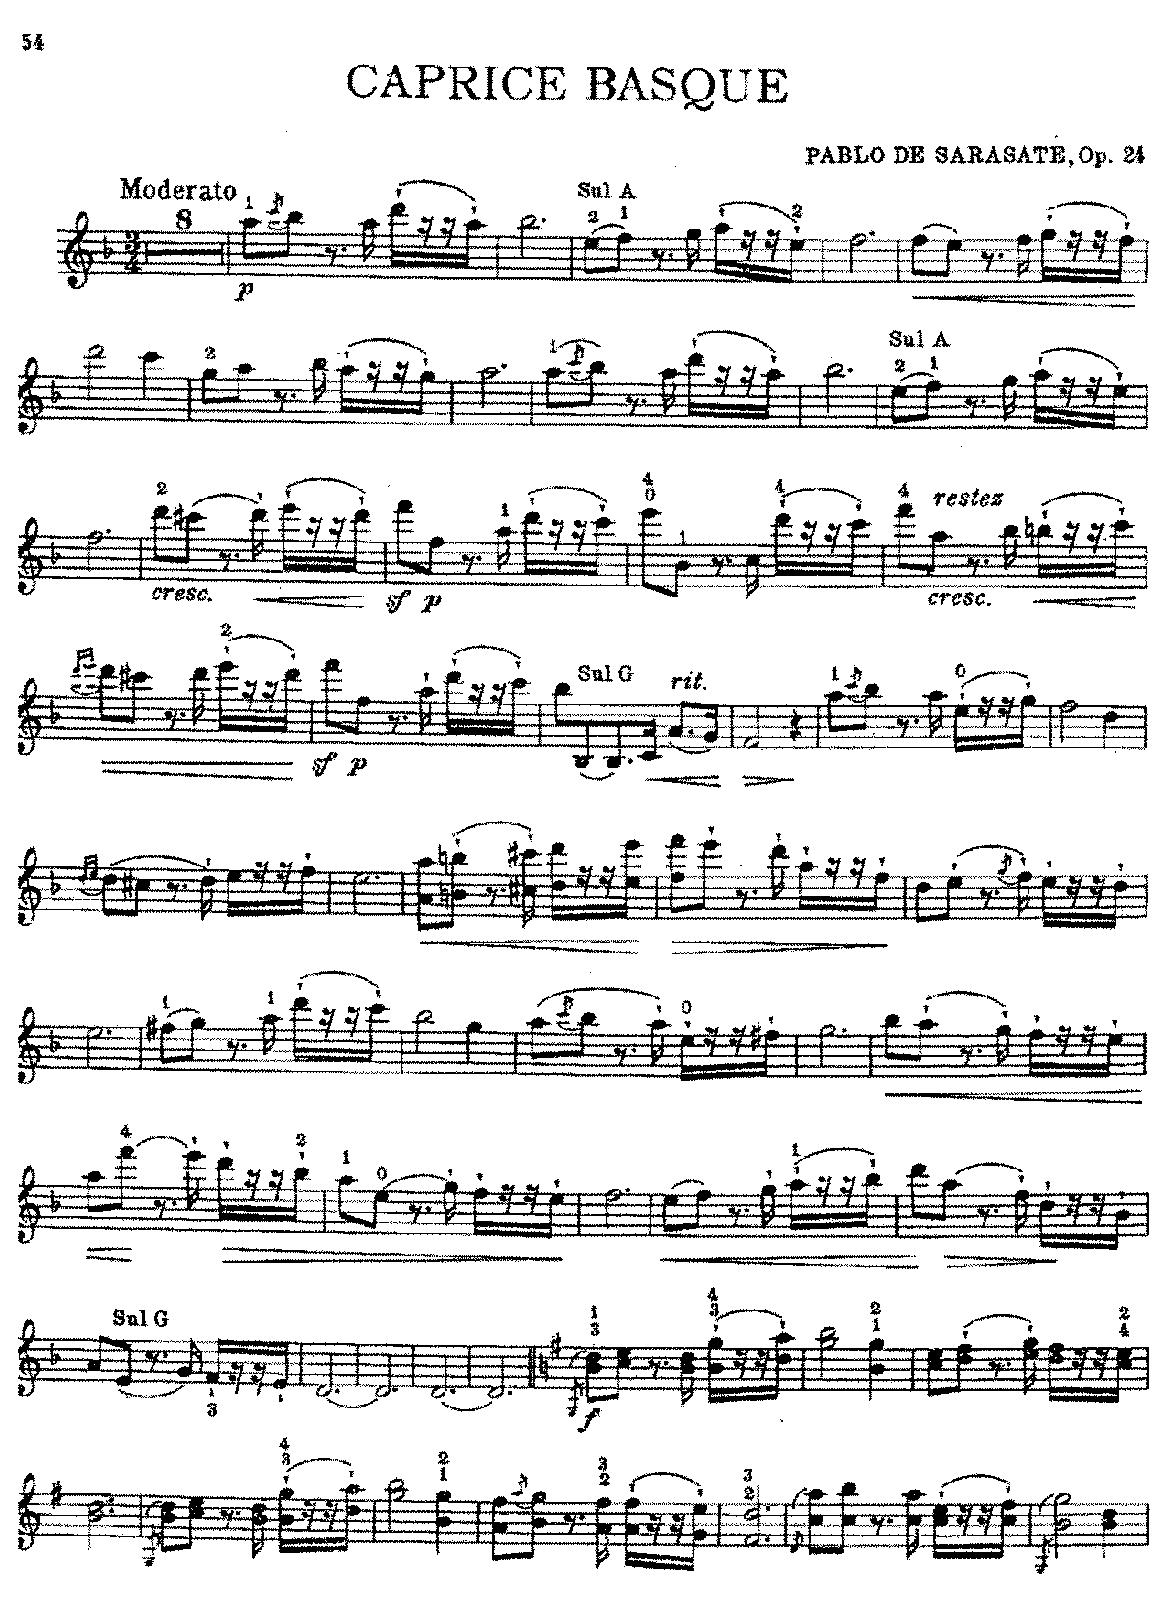 Sarasate, op. 24